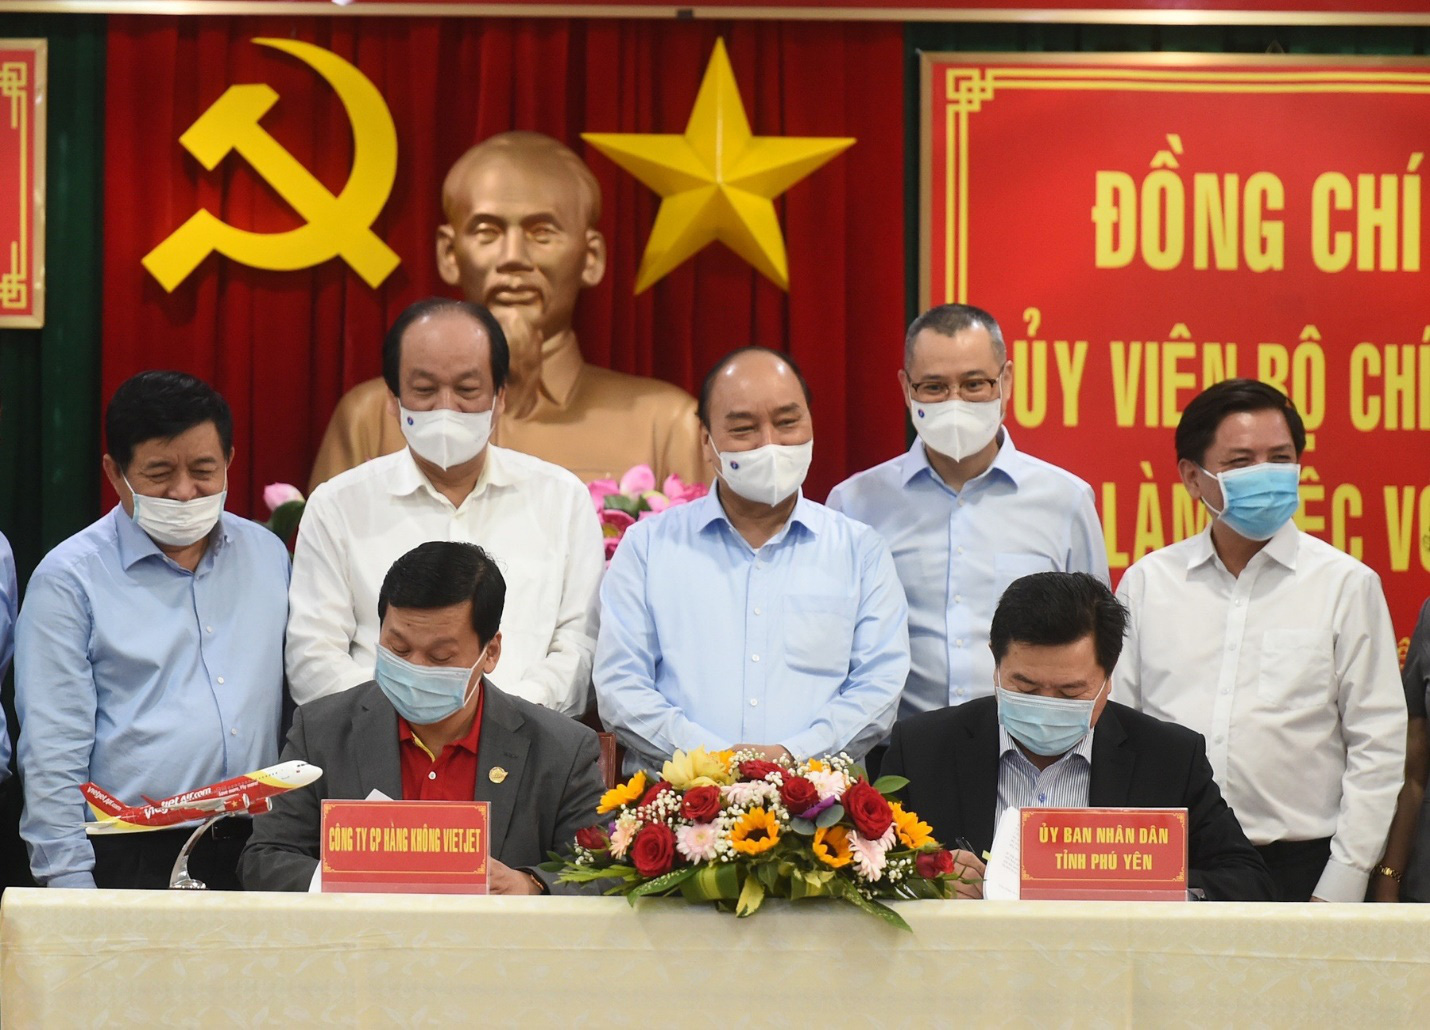 Vietjet hưởng ứng lời kêu gọi trồng cây vì một Việt Nam xanh - Ảnh 4.